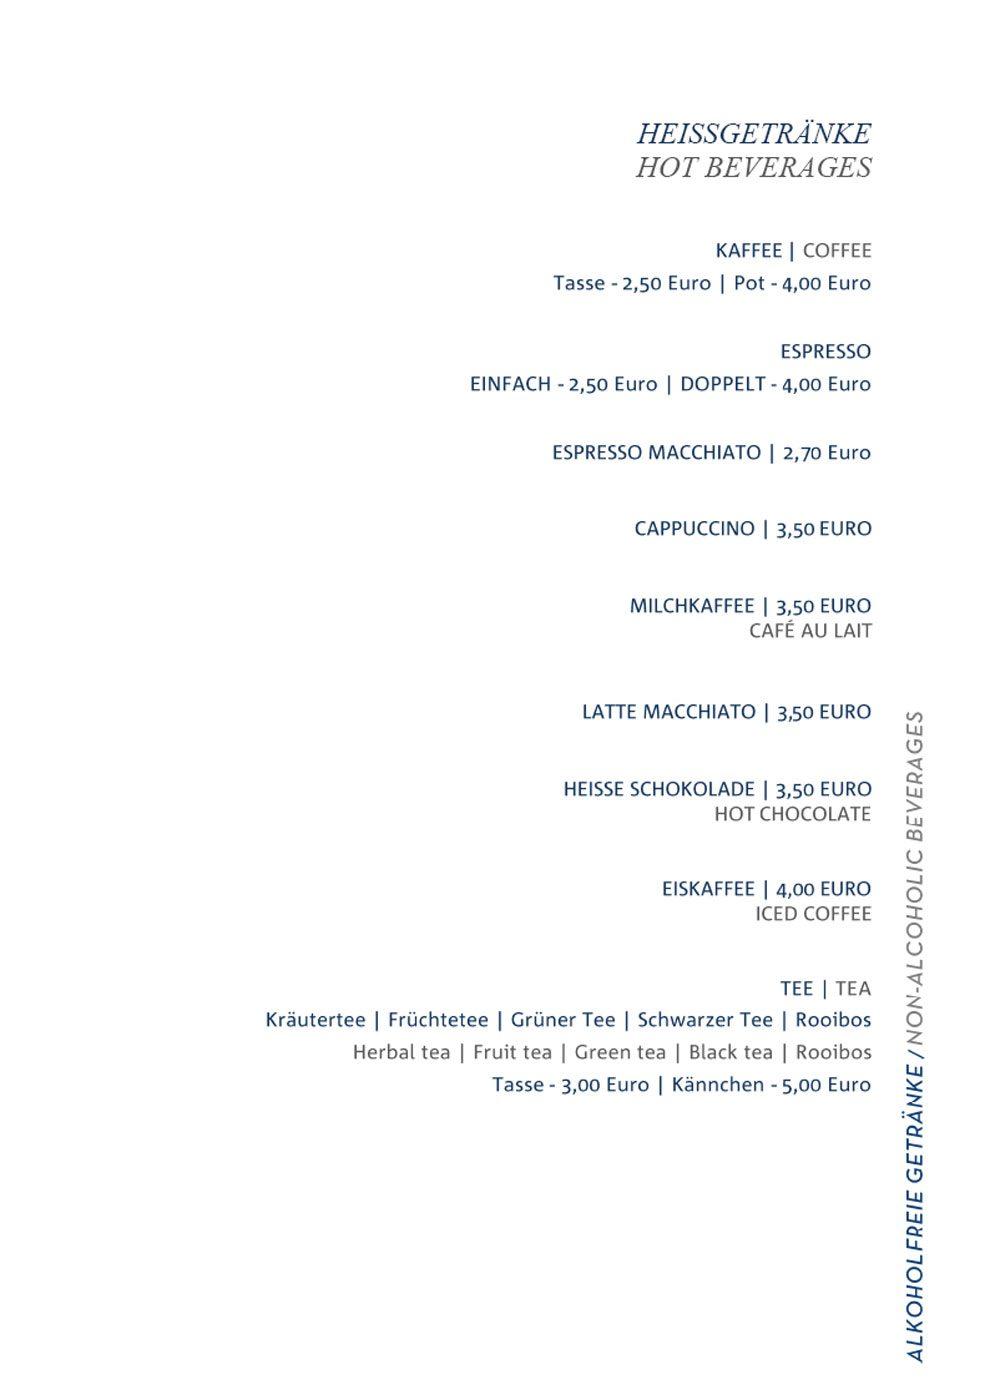 https://www.vitrum-dresden.de/wp-content/uploads/2019/06/e-VITRUM_Speisekarte_Sommer7-990x1400.jpg